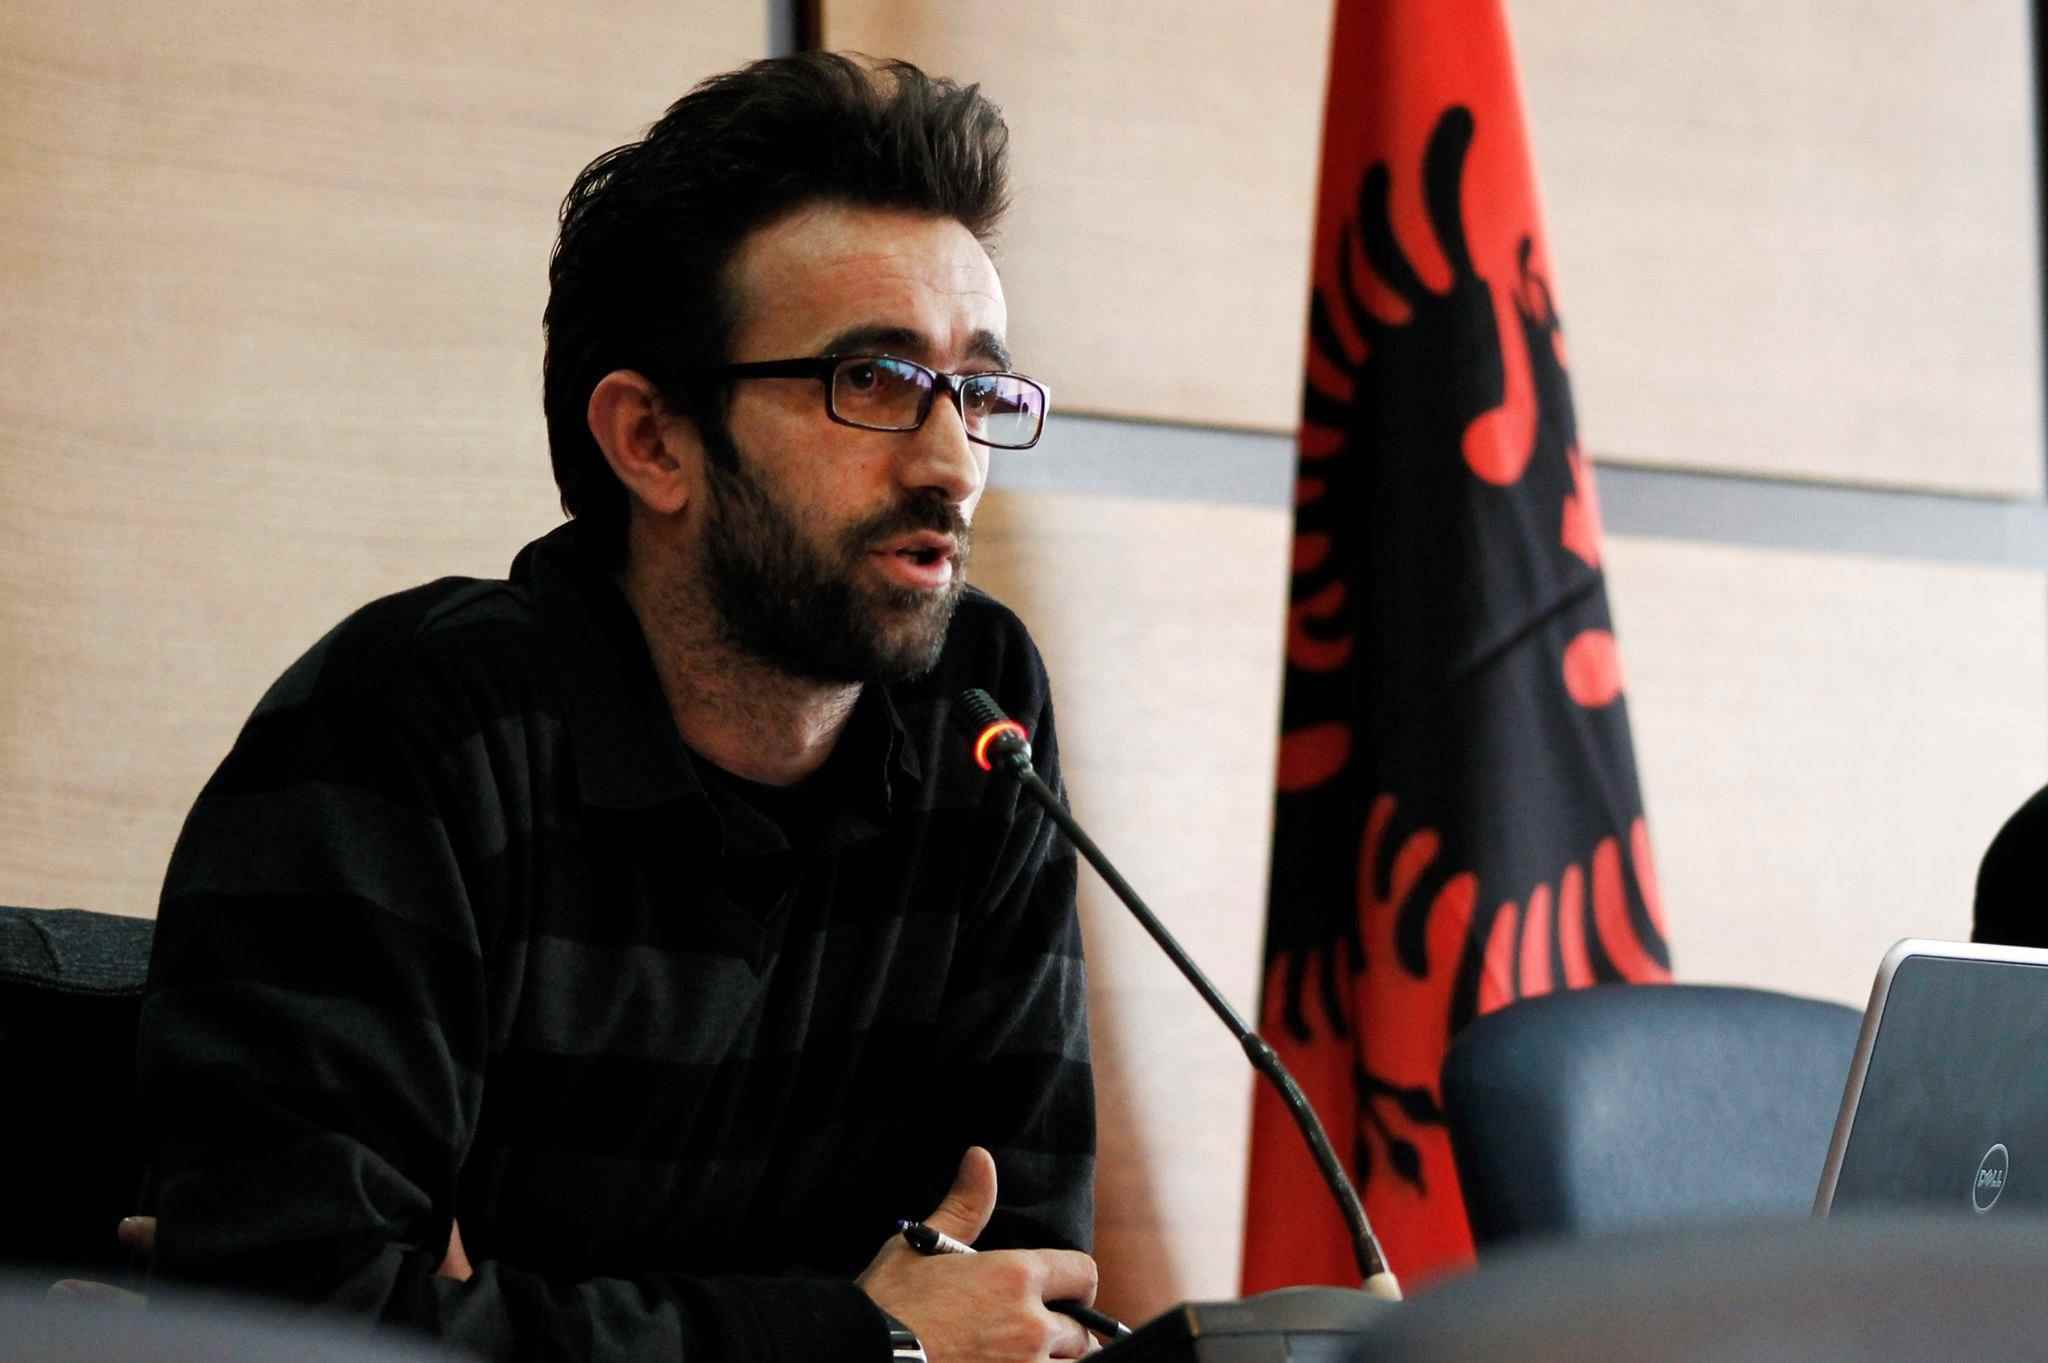 Vetëmashtrimet rrënuese të shqiptarëve - 4. Vetëmashtrimi për mendësinë e vlerat tona perëndimore